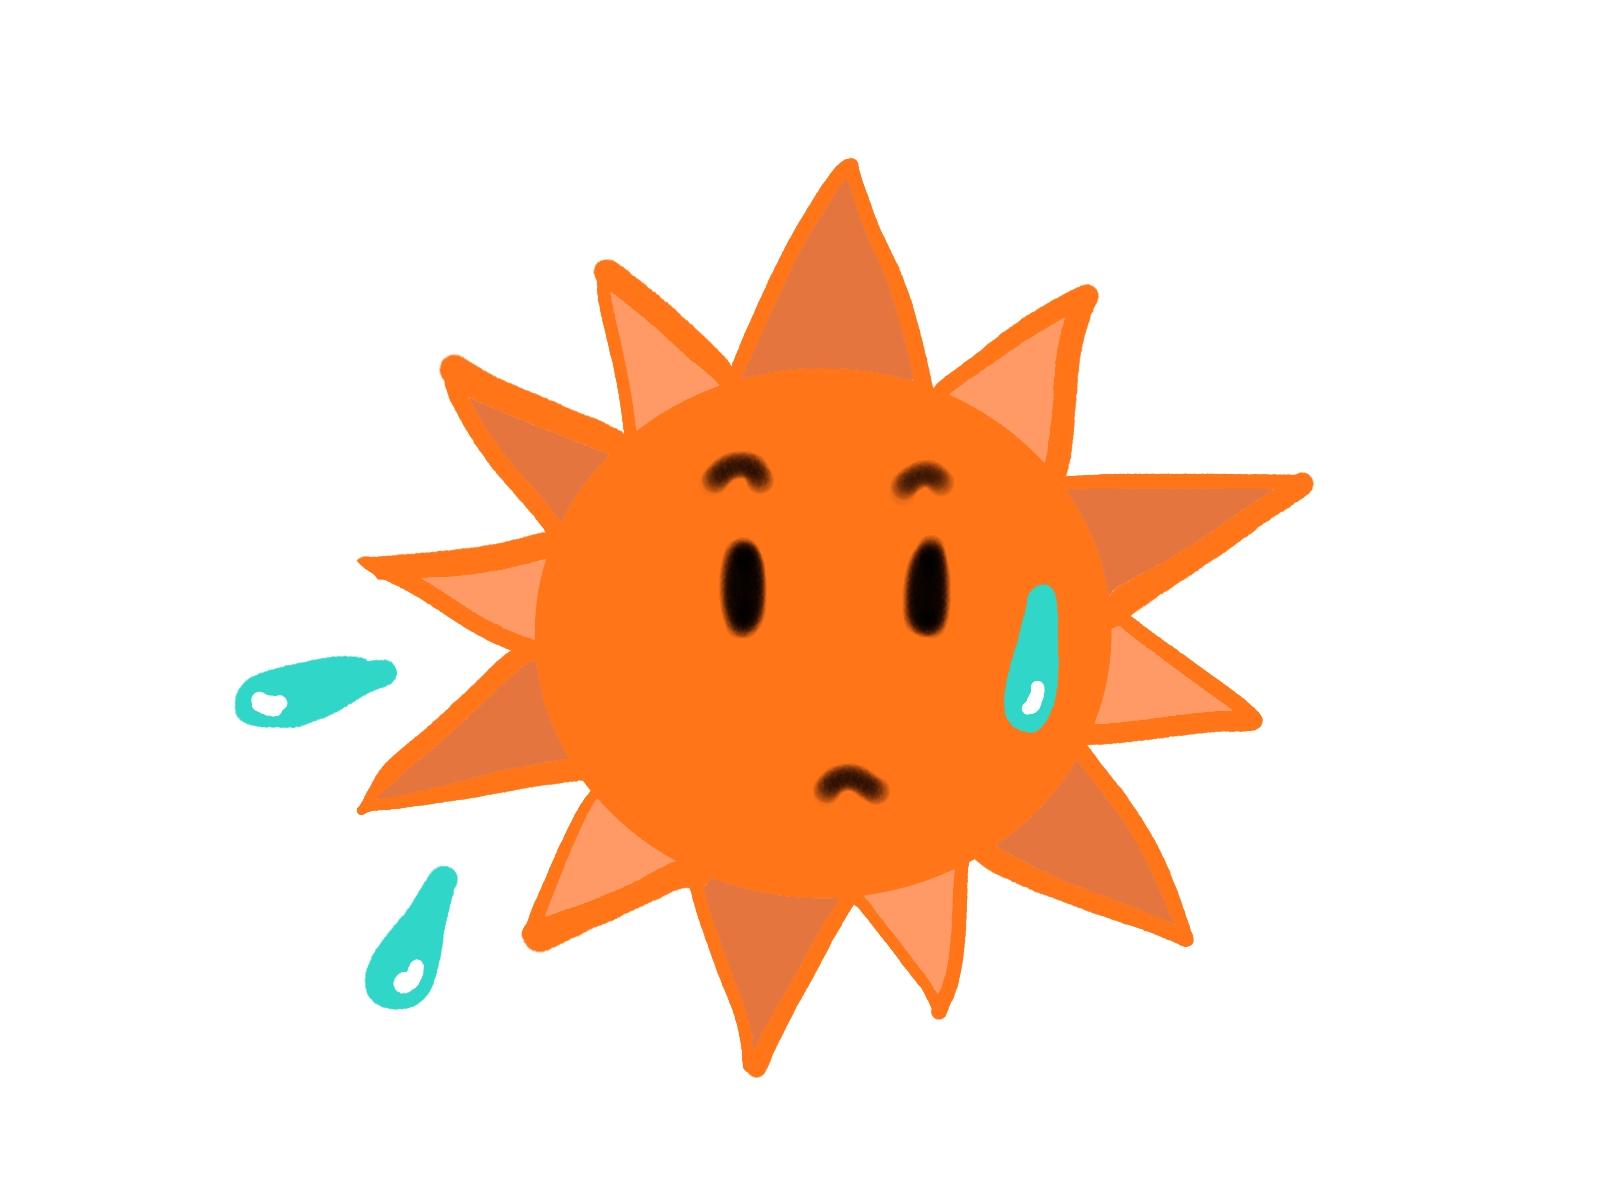 着物のクリーニング(丸洗い)だけでは、汗は落とせません